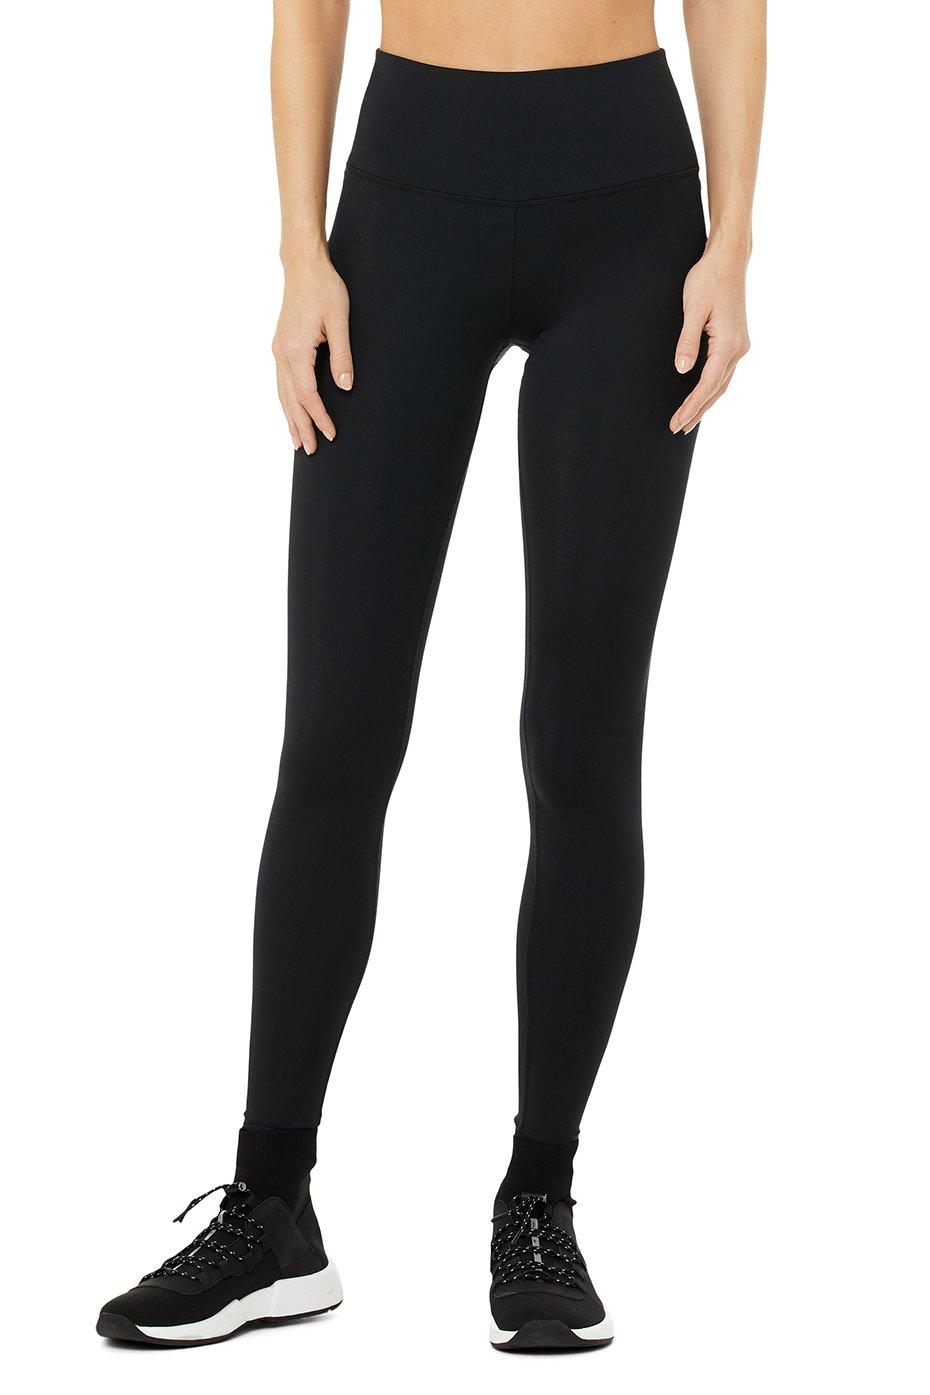 Alo compression leggings